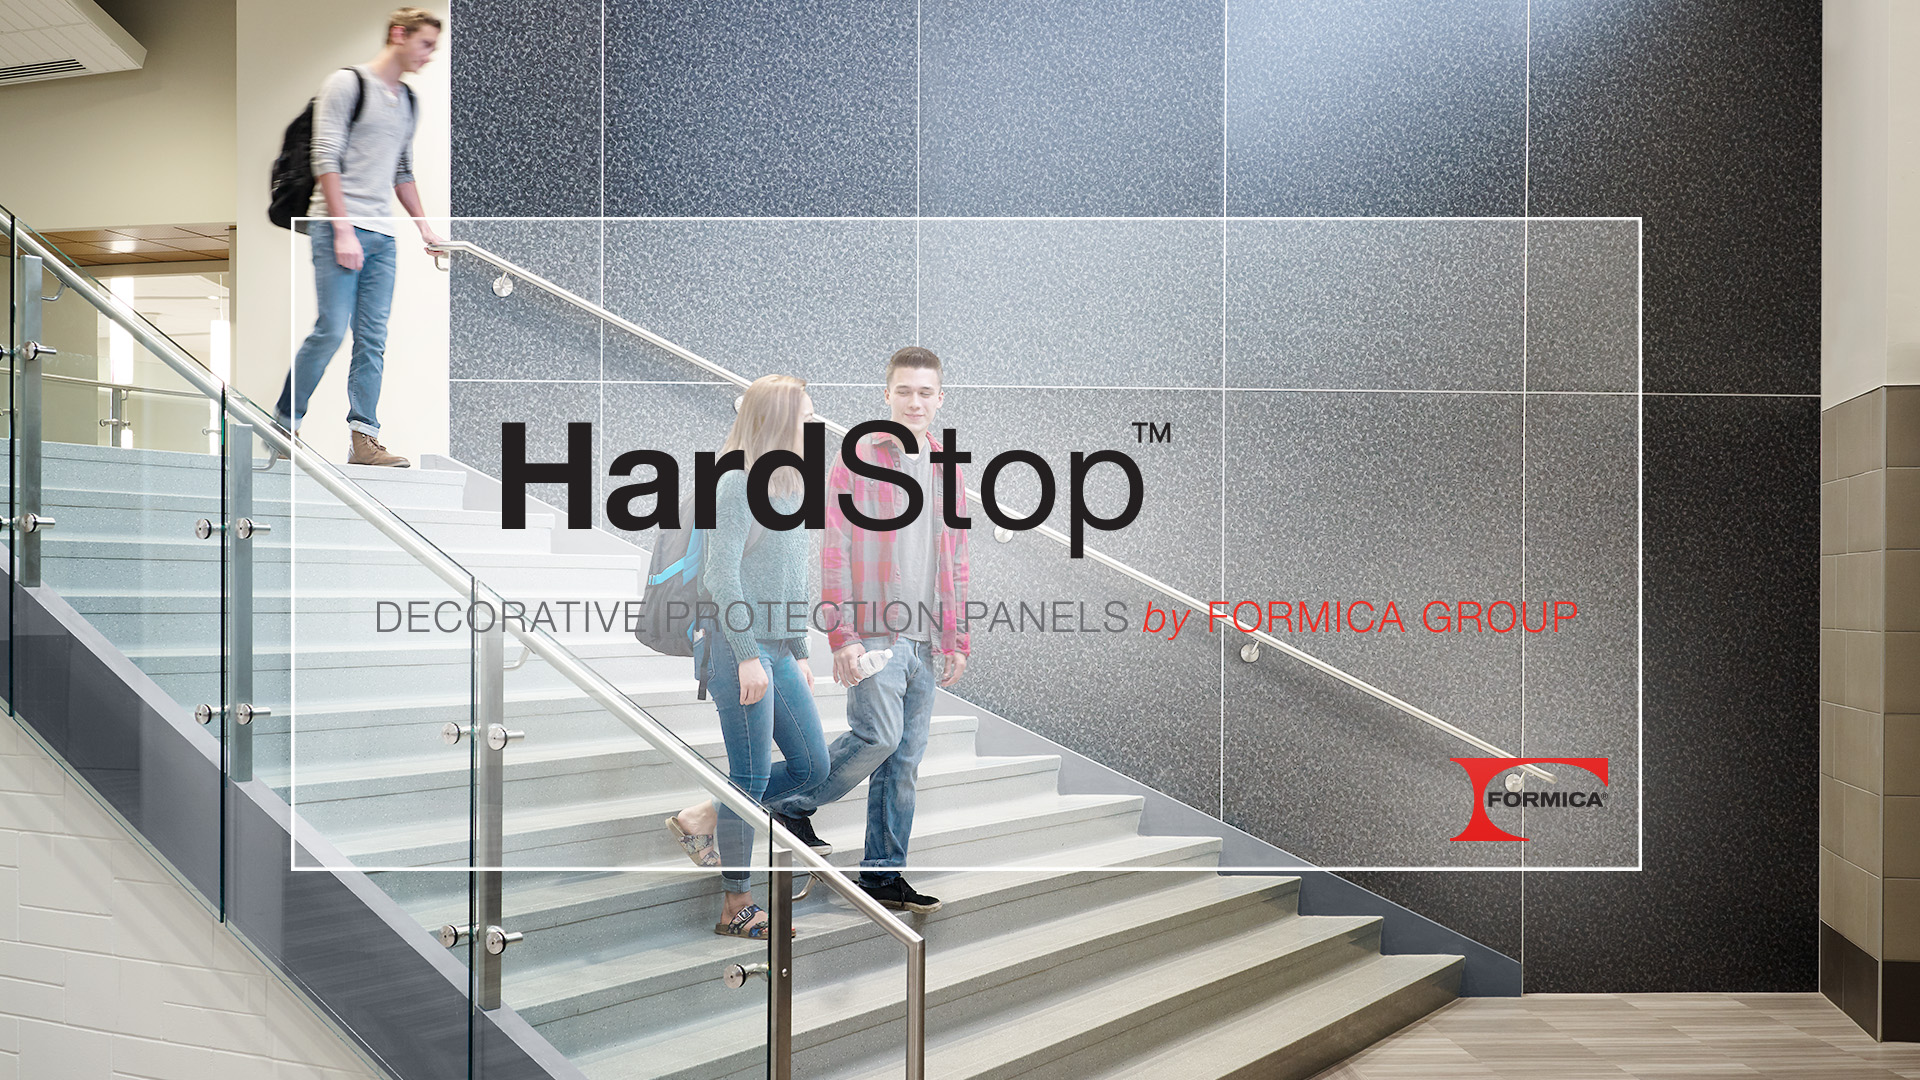 HardStop